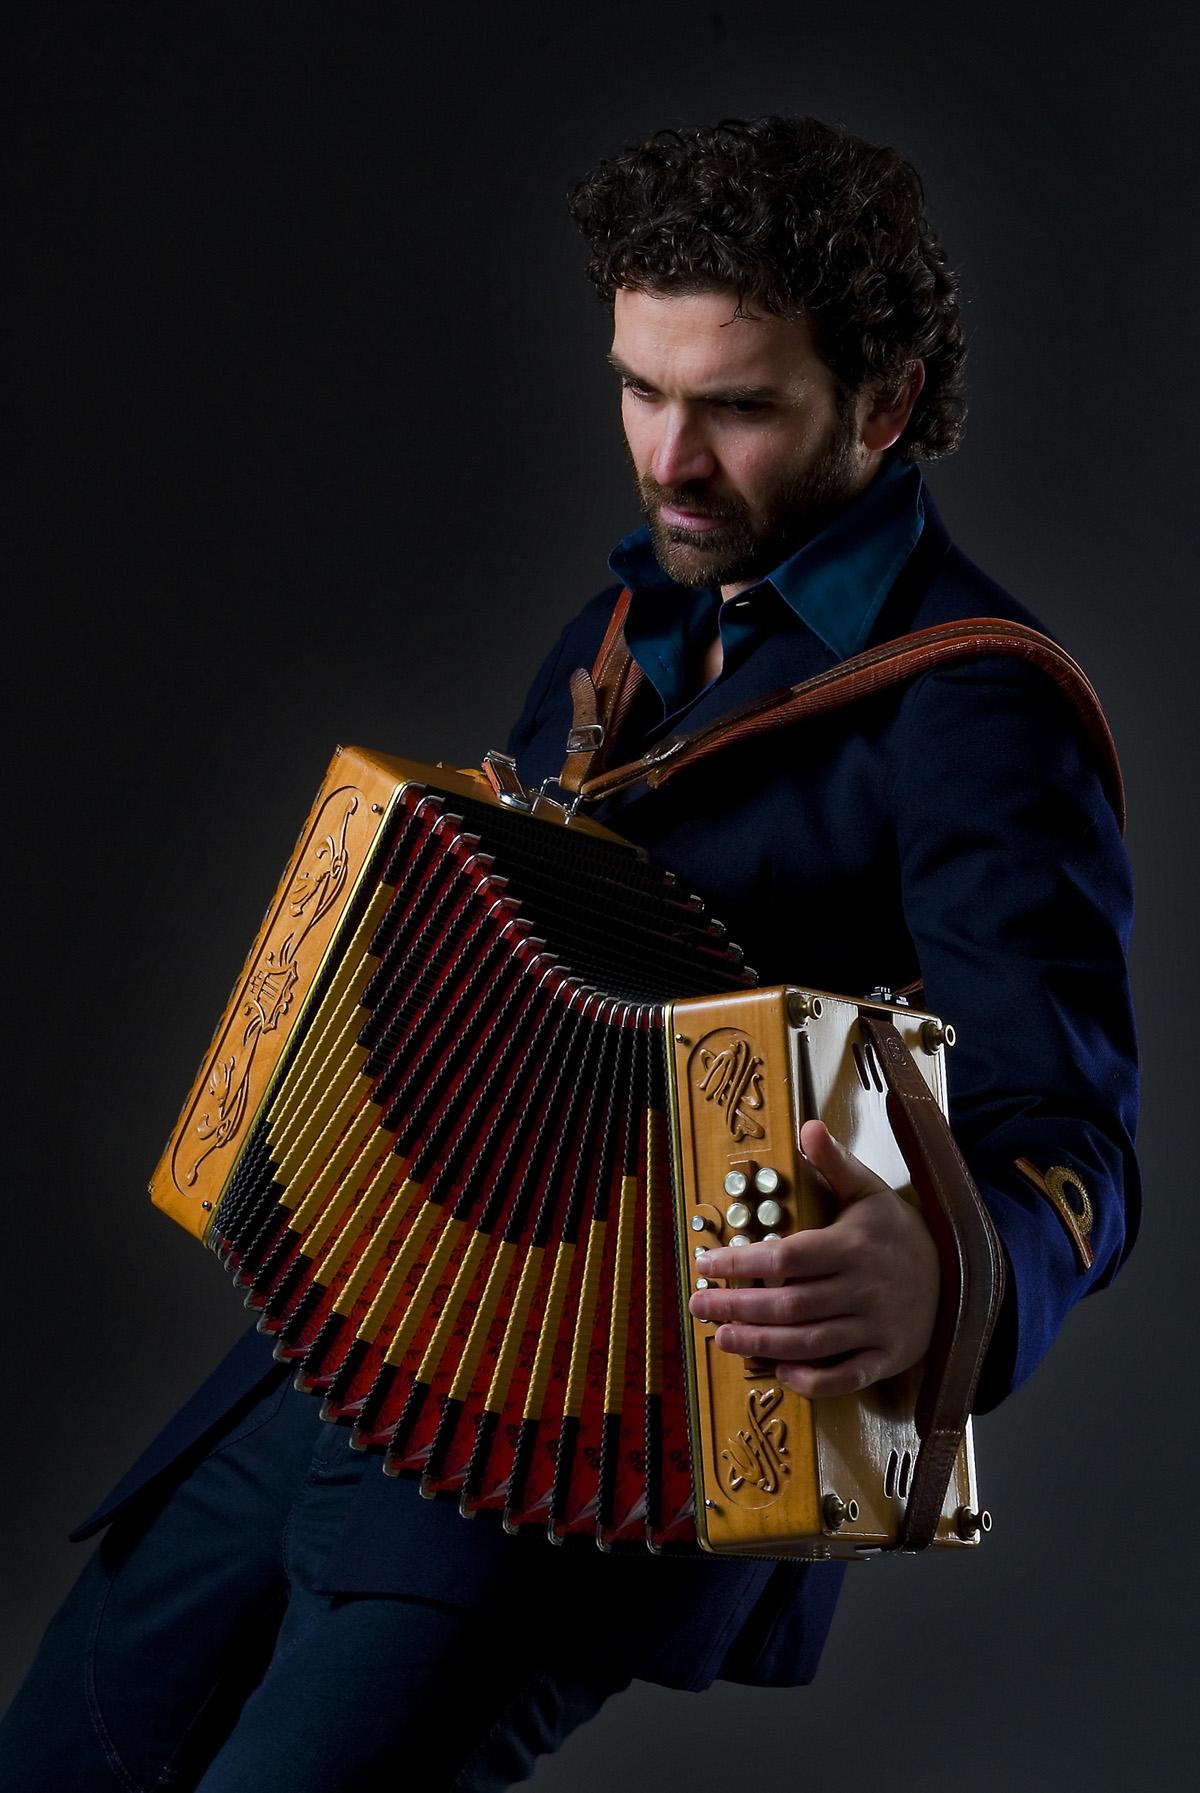 ClaudioPrima